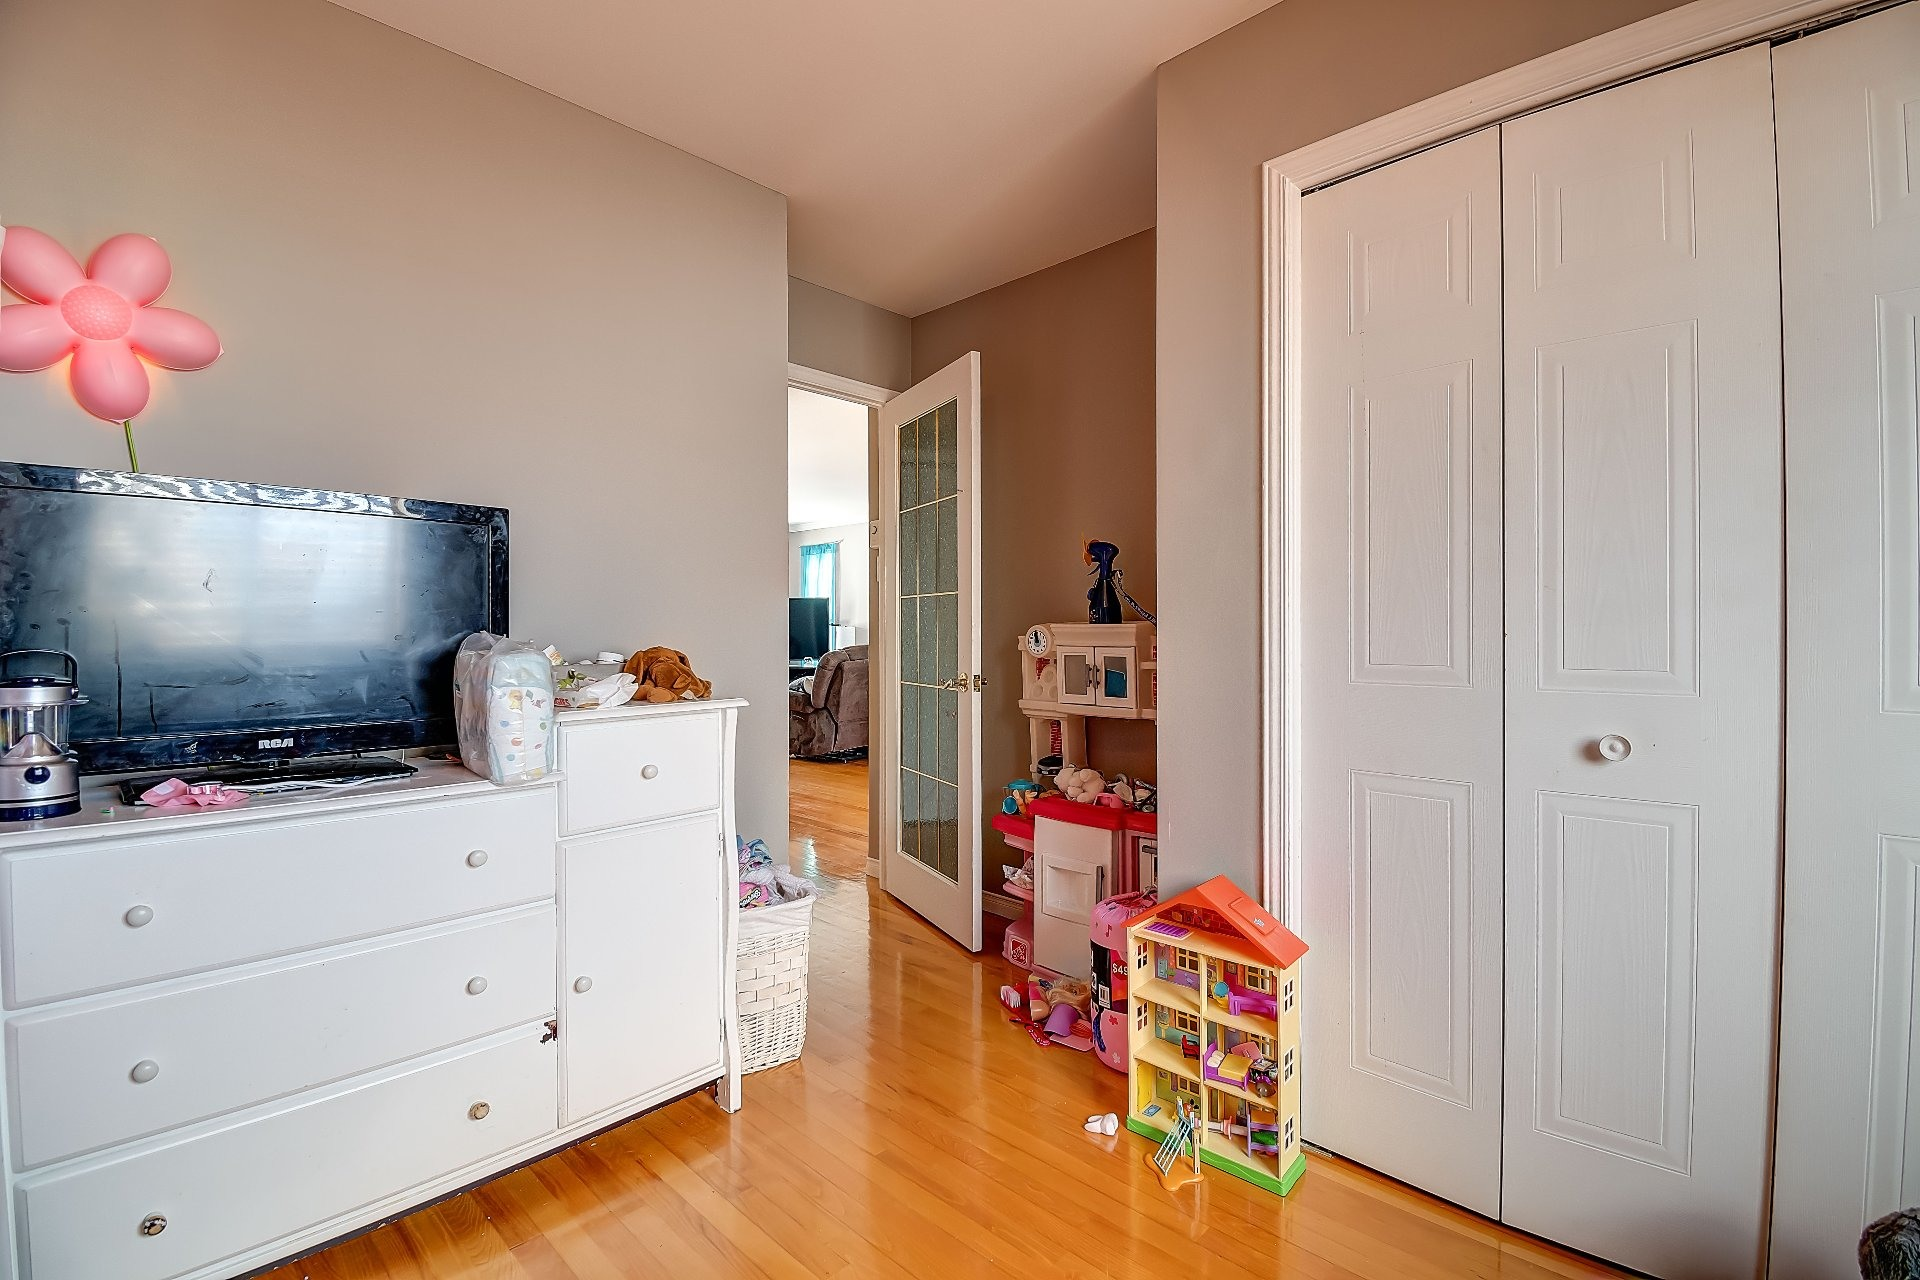 image 12 - Maison À vendre Trois-Rivières - 10 pièces